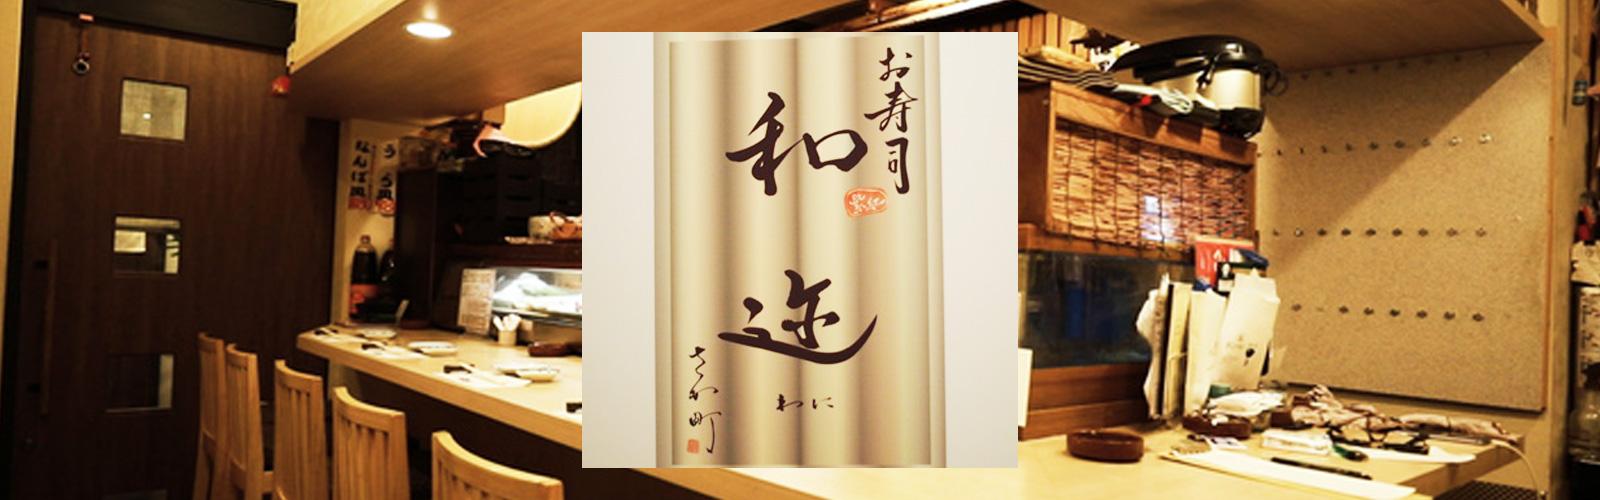 富久佳 別館 お寿司 和迩(大阪・なんば)